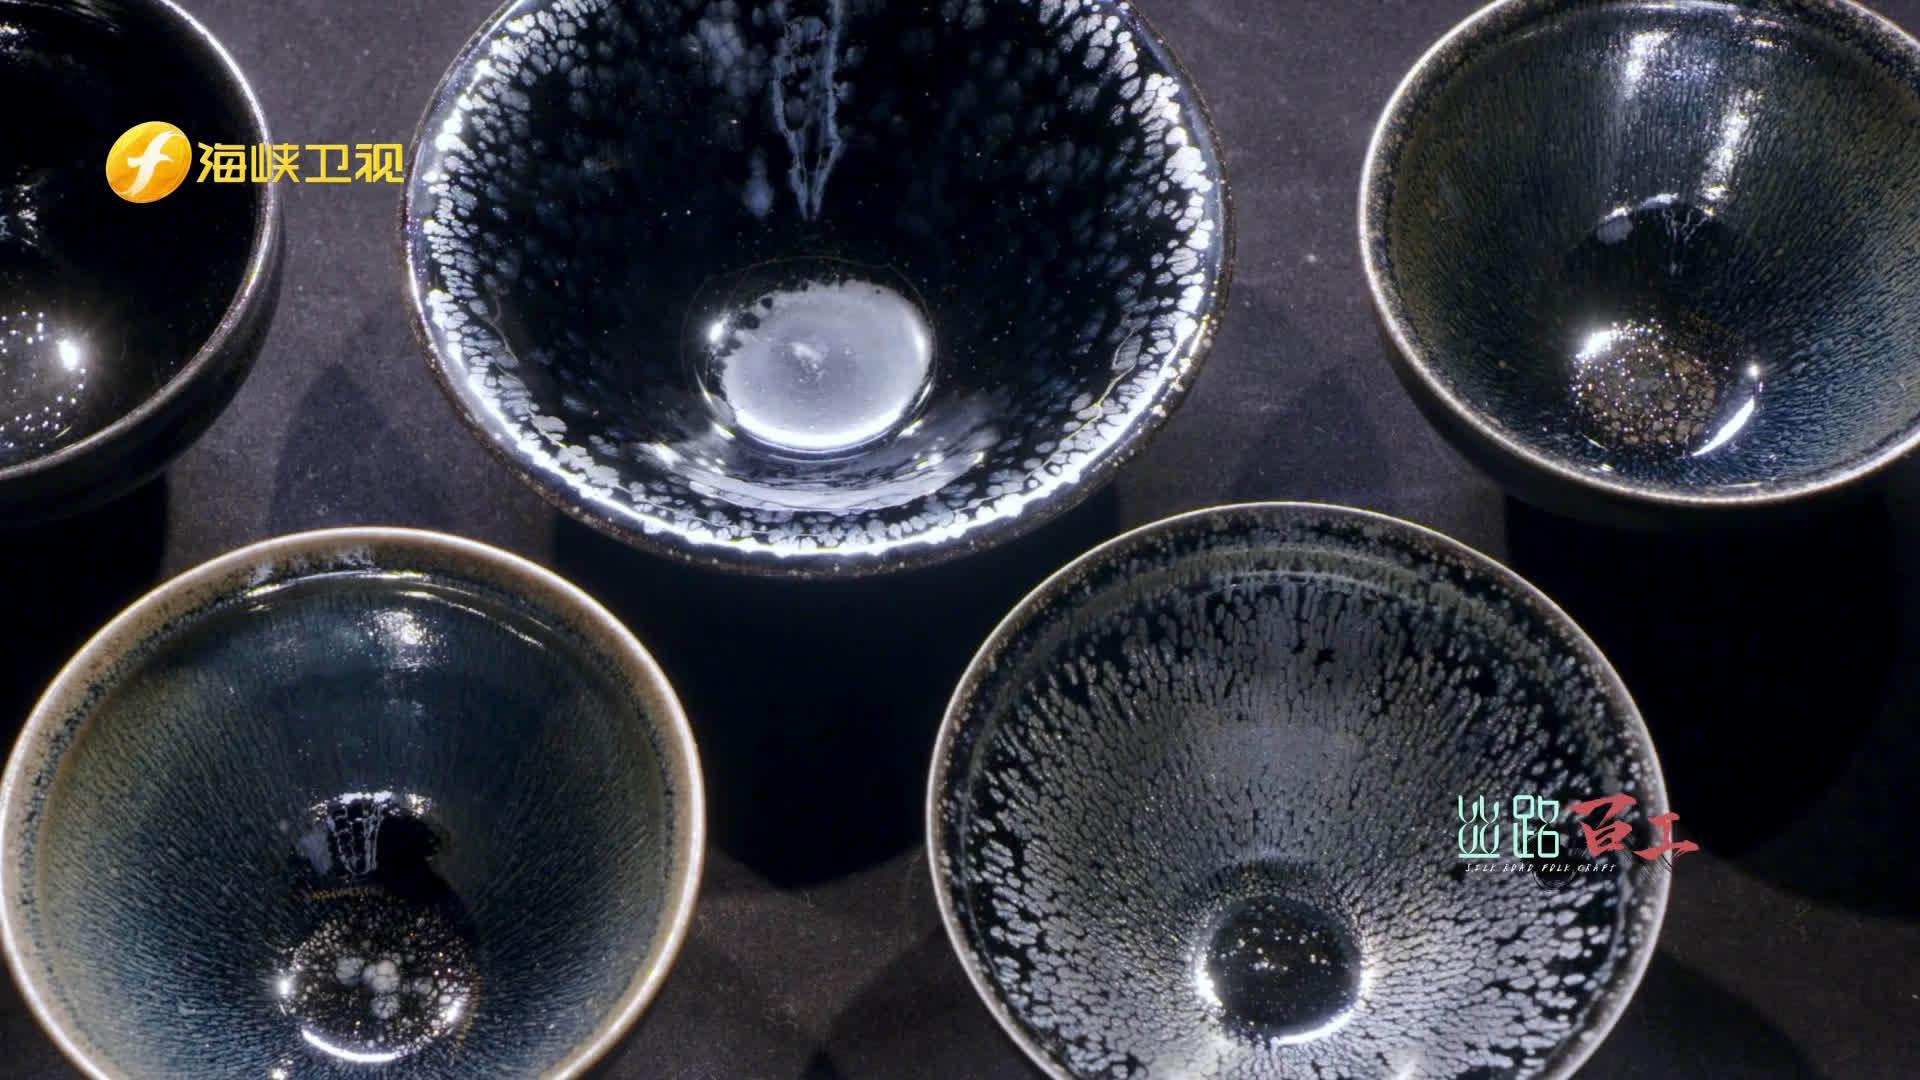 建盏,又称黑釉盏,宋代八大名瓷之一